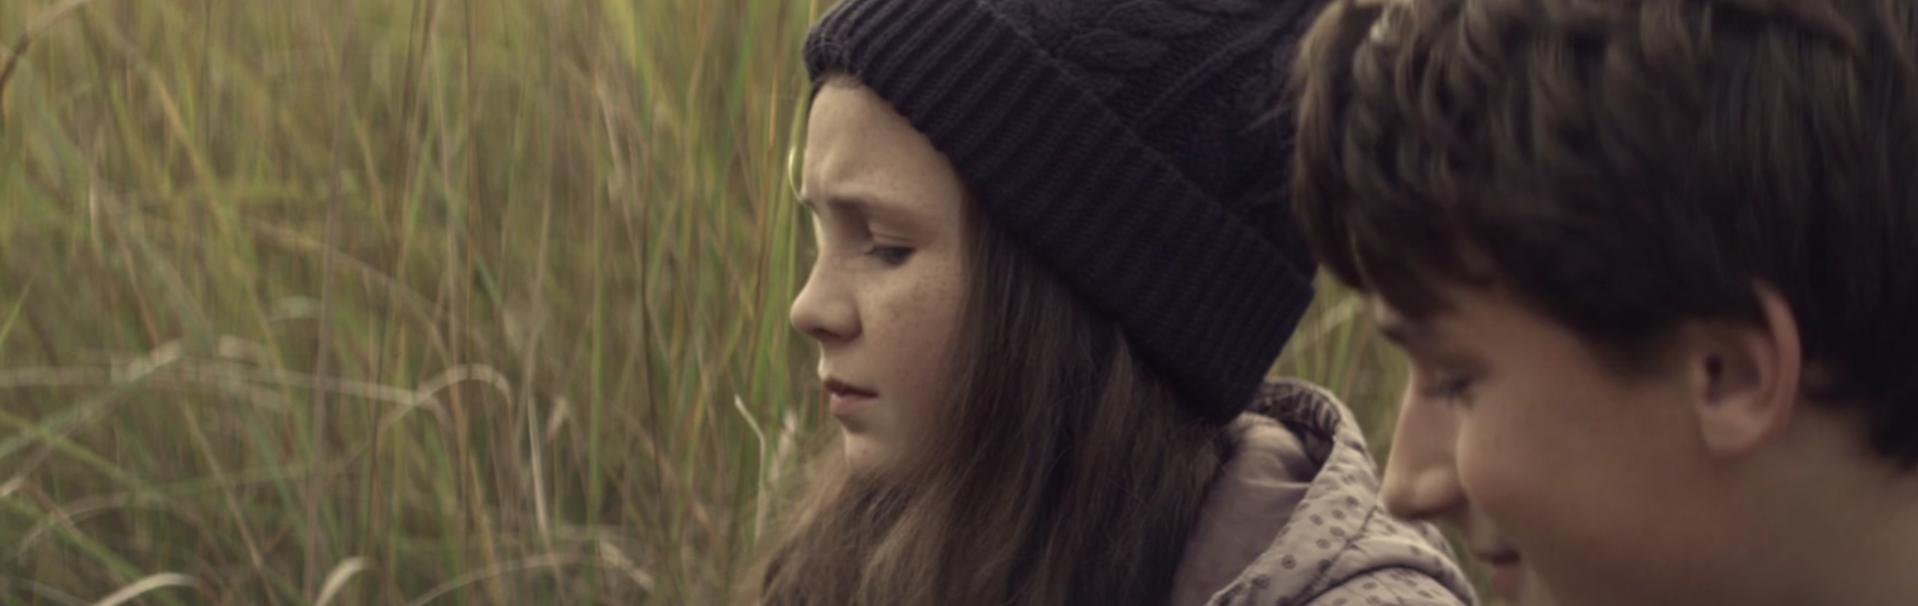 Kurzfilm: Grace